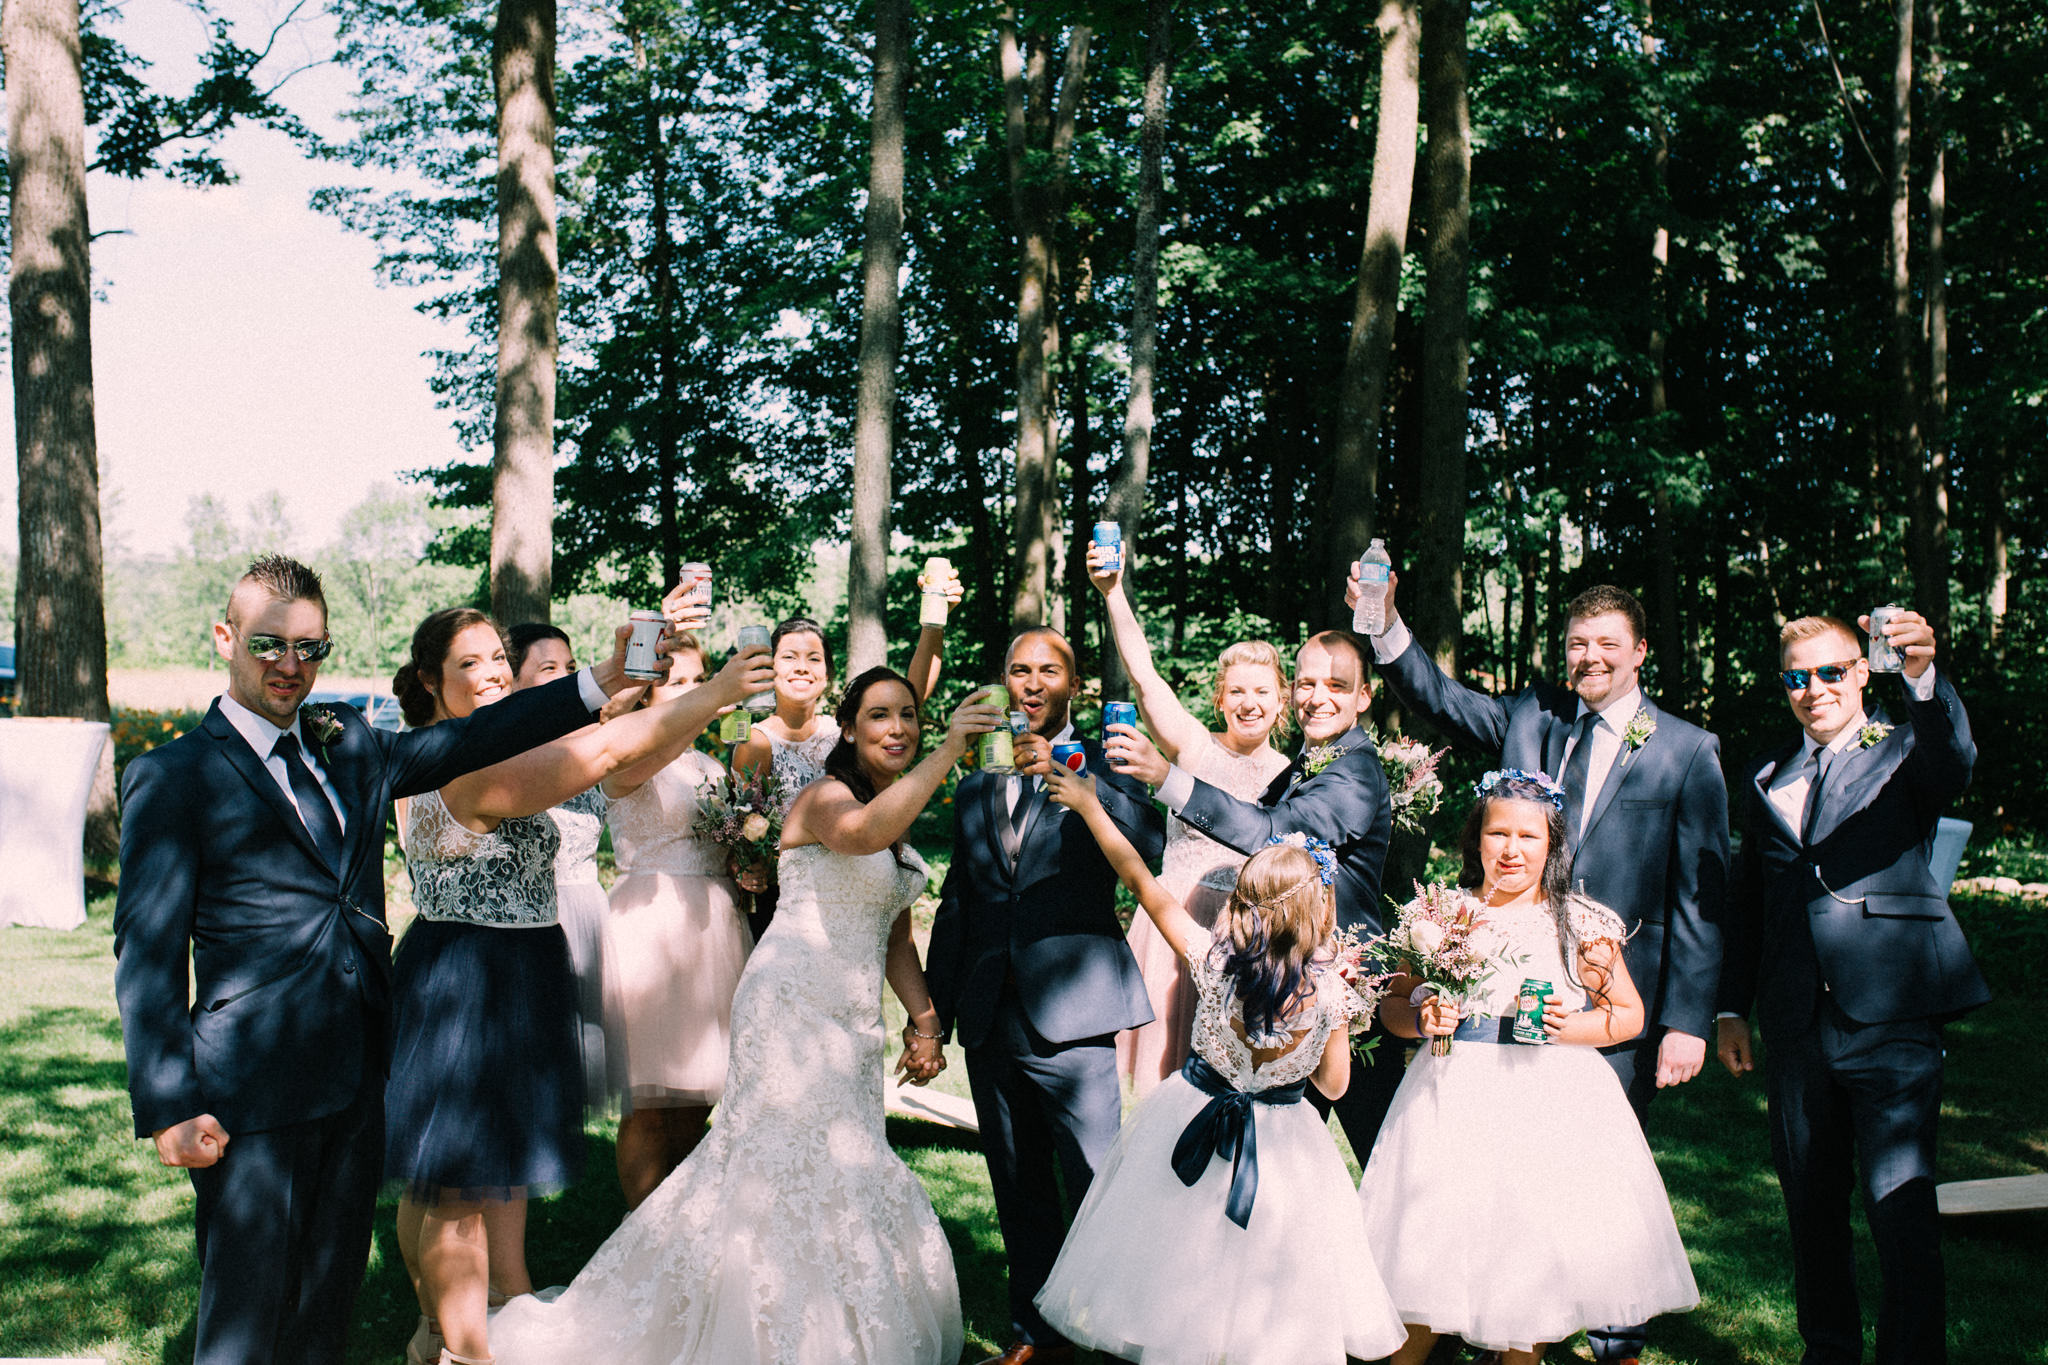 Orillia summer wedding at Northbrook Farms by Max Wong Photo (30)